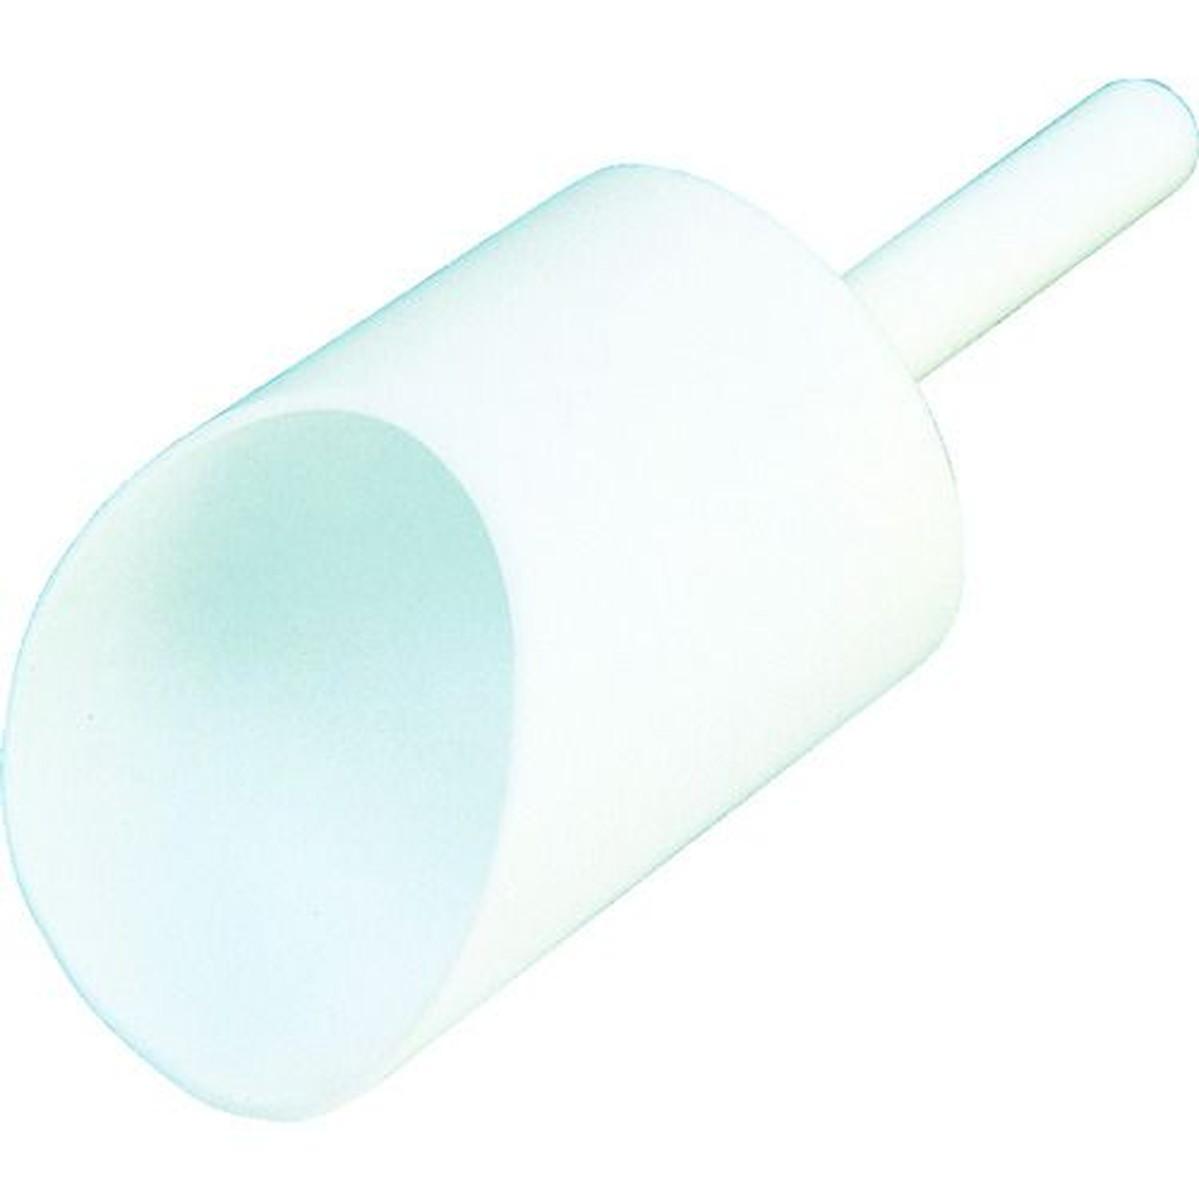 【2018?新作】 フロンケミカル フロンケミカル 1個 フッ素樹脂(PTFE)万能スコップ フッ素樹脂(PTFE)万能スコップ (小) 1個, 音楽大陸:6a396581 --- promotime.lt